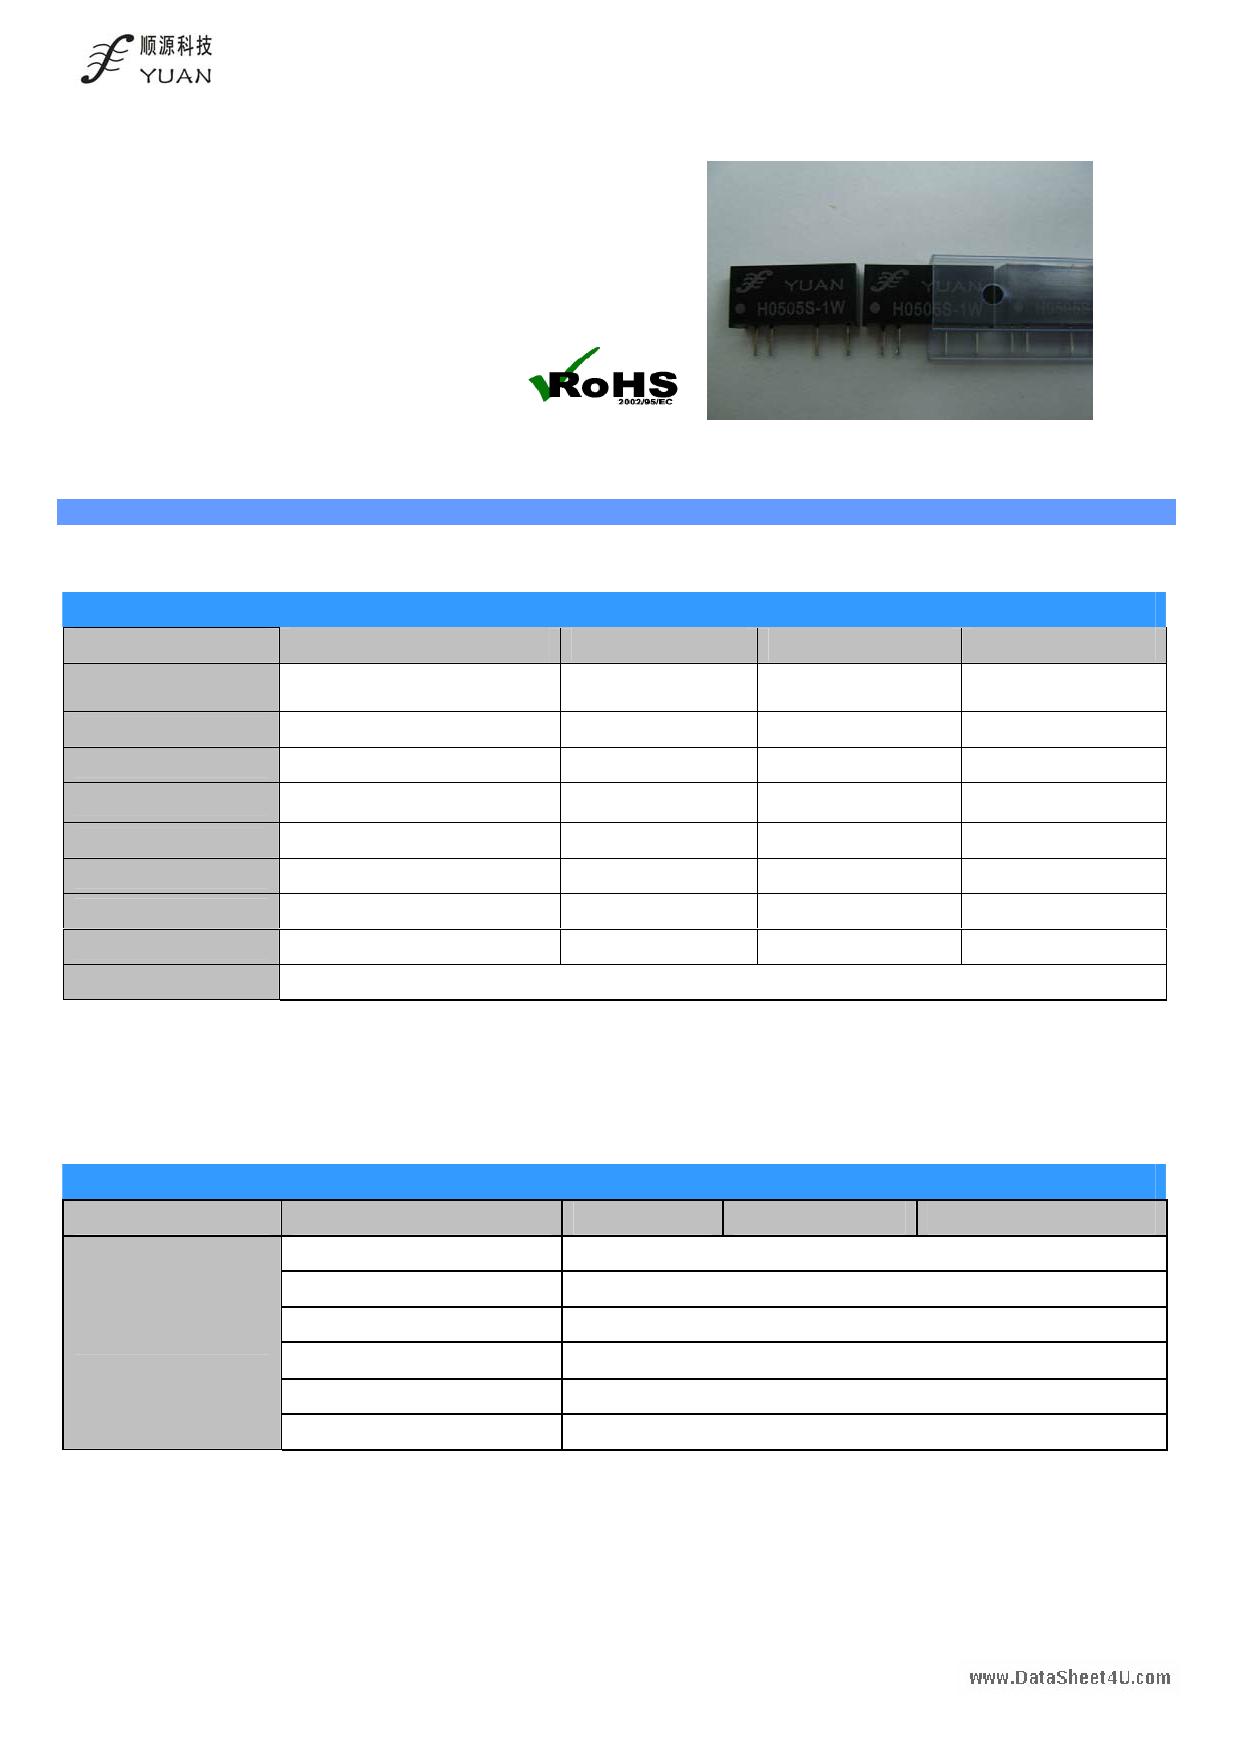 G05xxS-1W دیتاشیت PDF